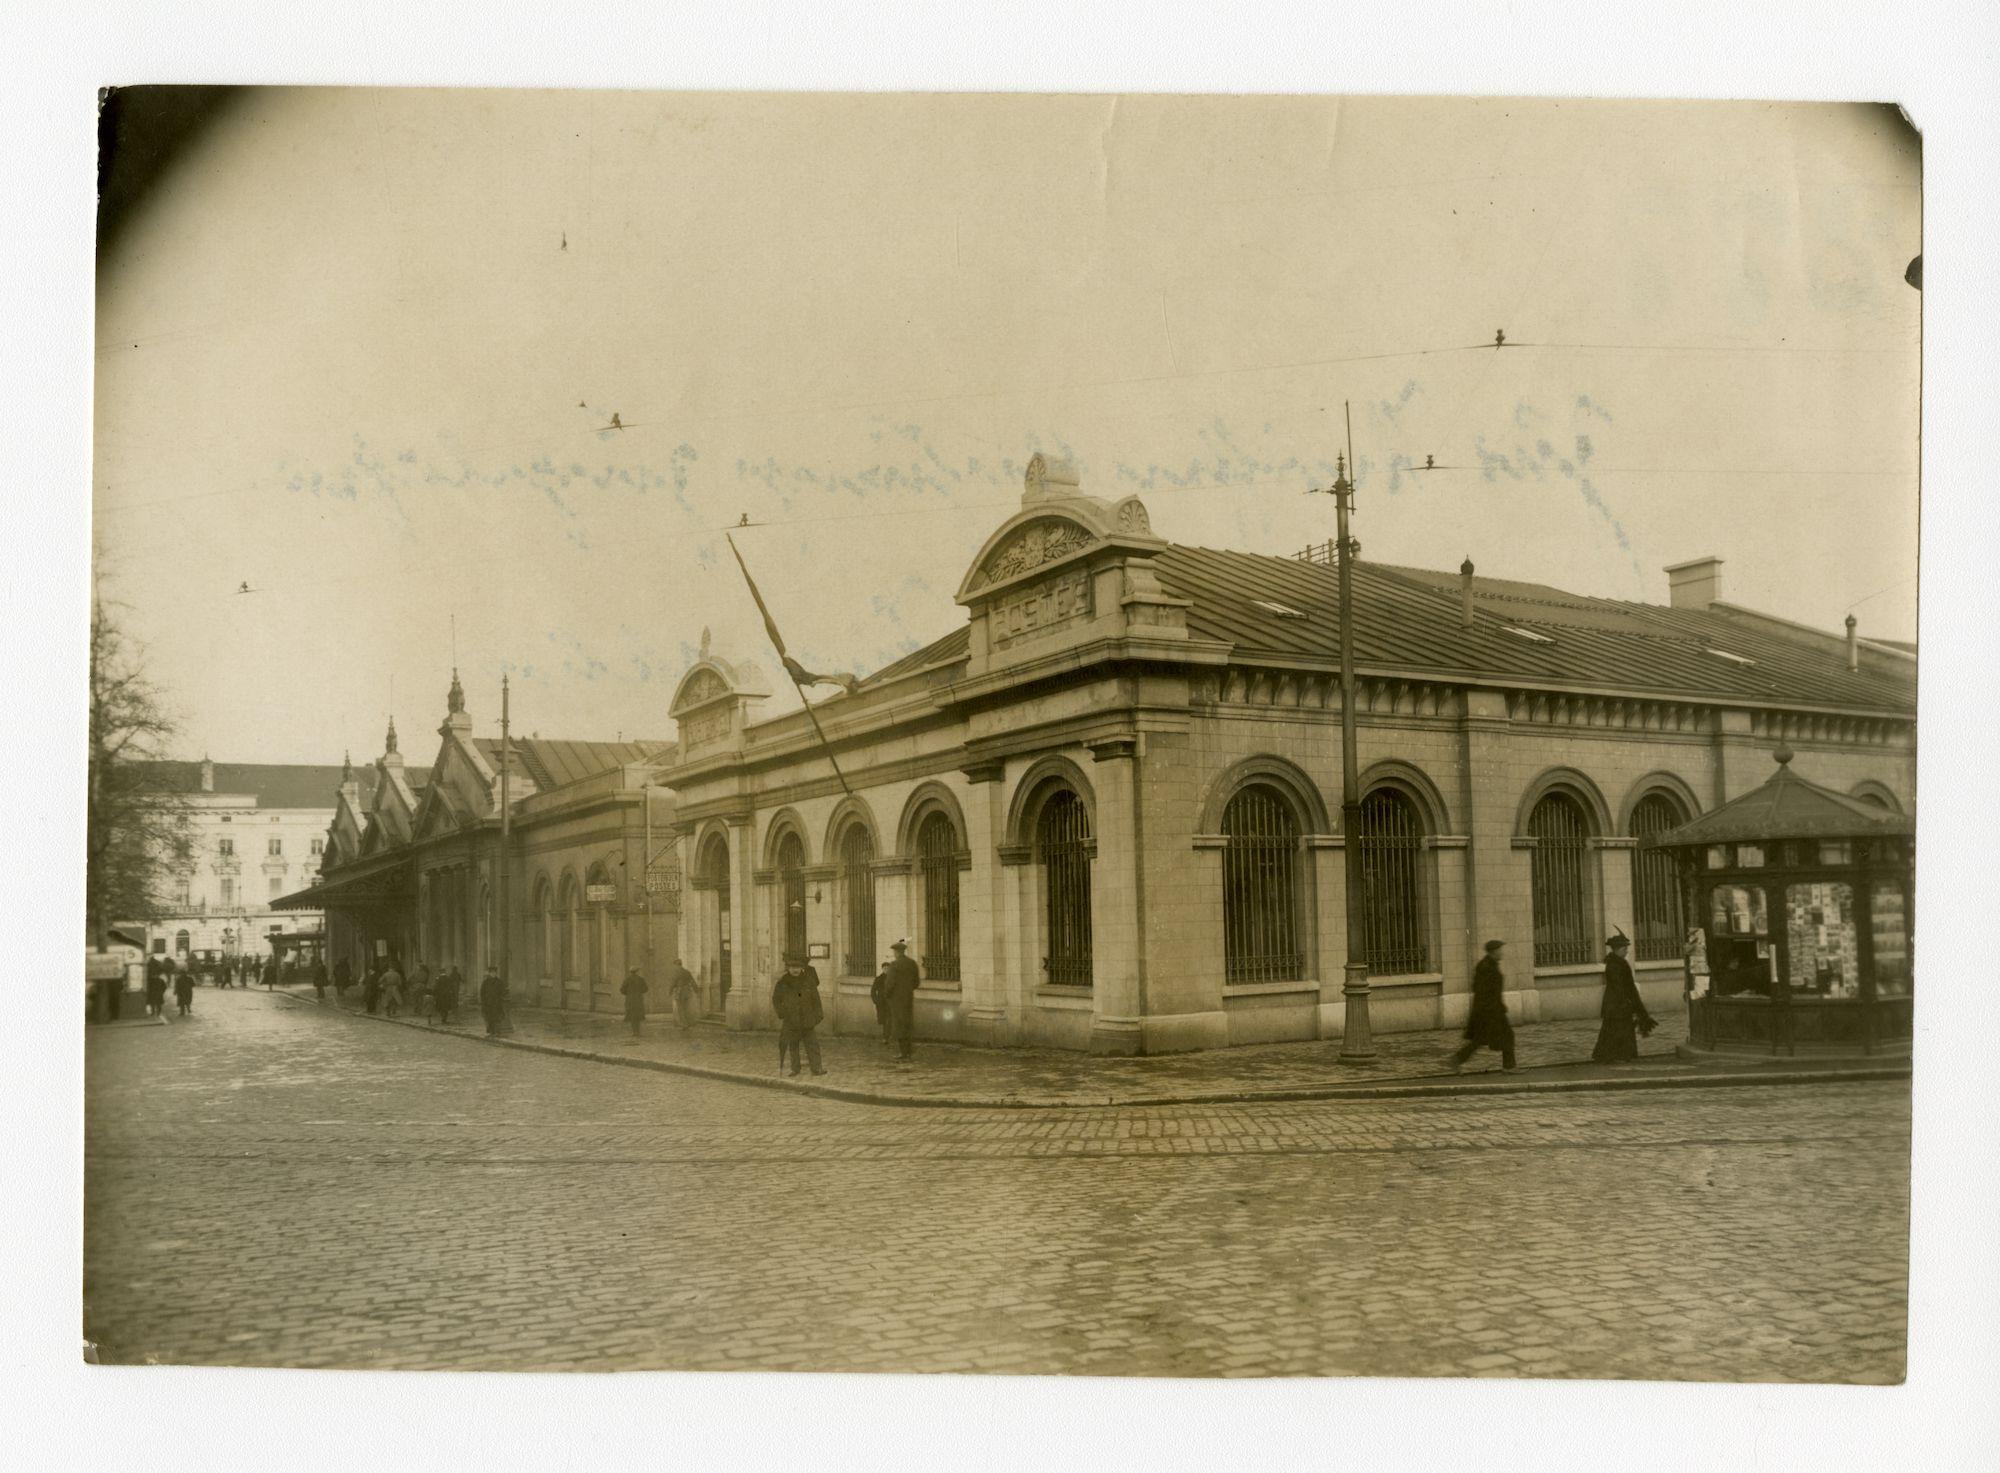 Gent: Statiestraat (Woodrow Wilsonplein): Zuidstation, 1915-1916